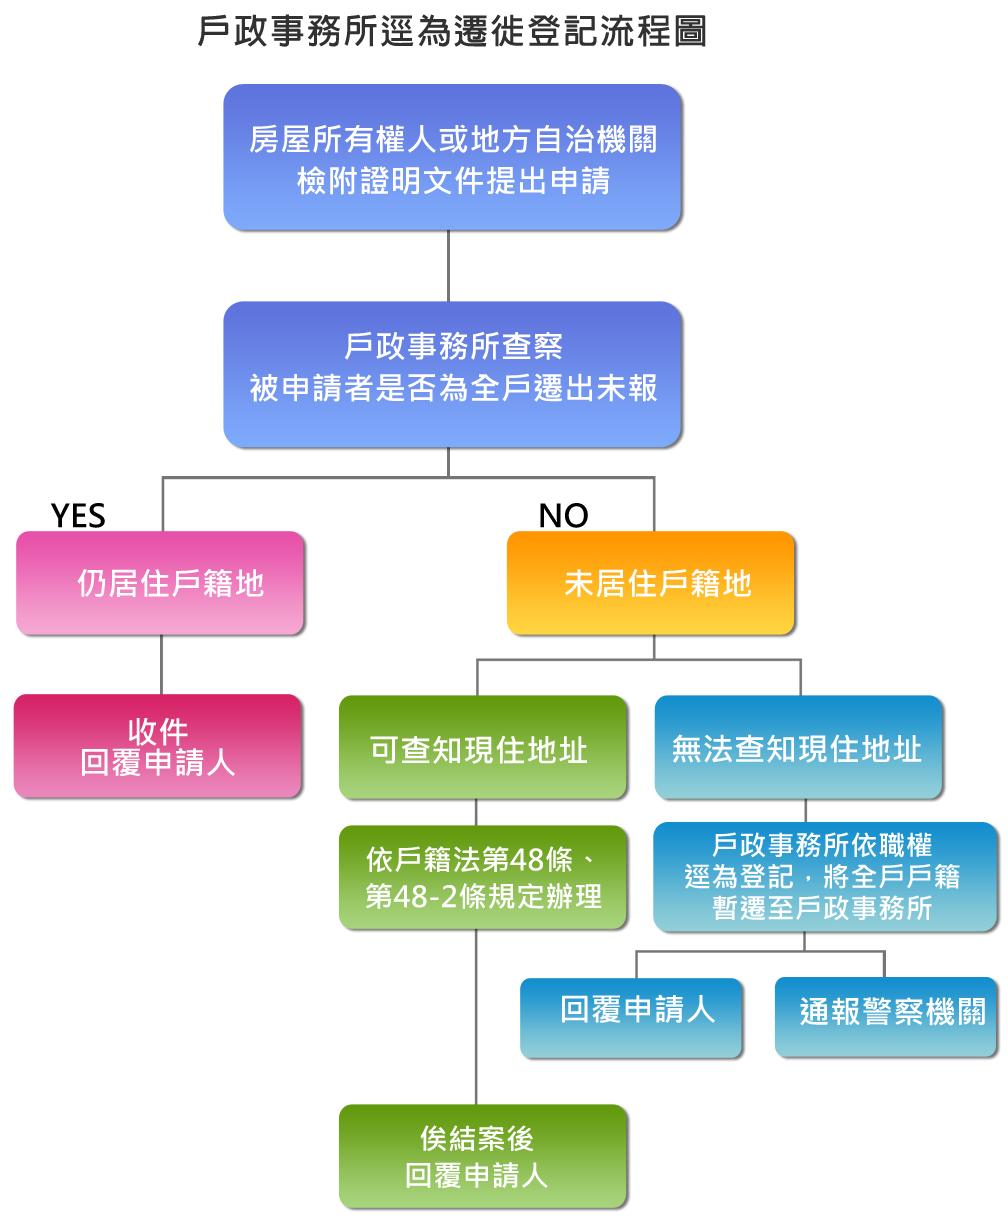 戶政事務所逕為遷徙登記流程圖